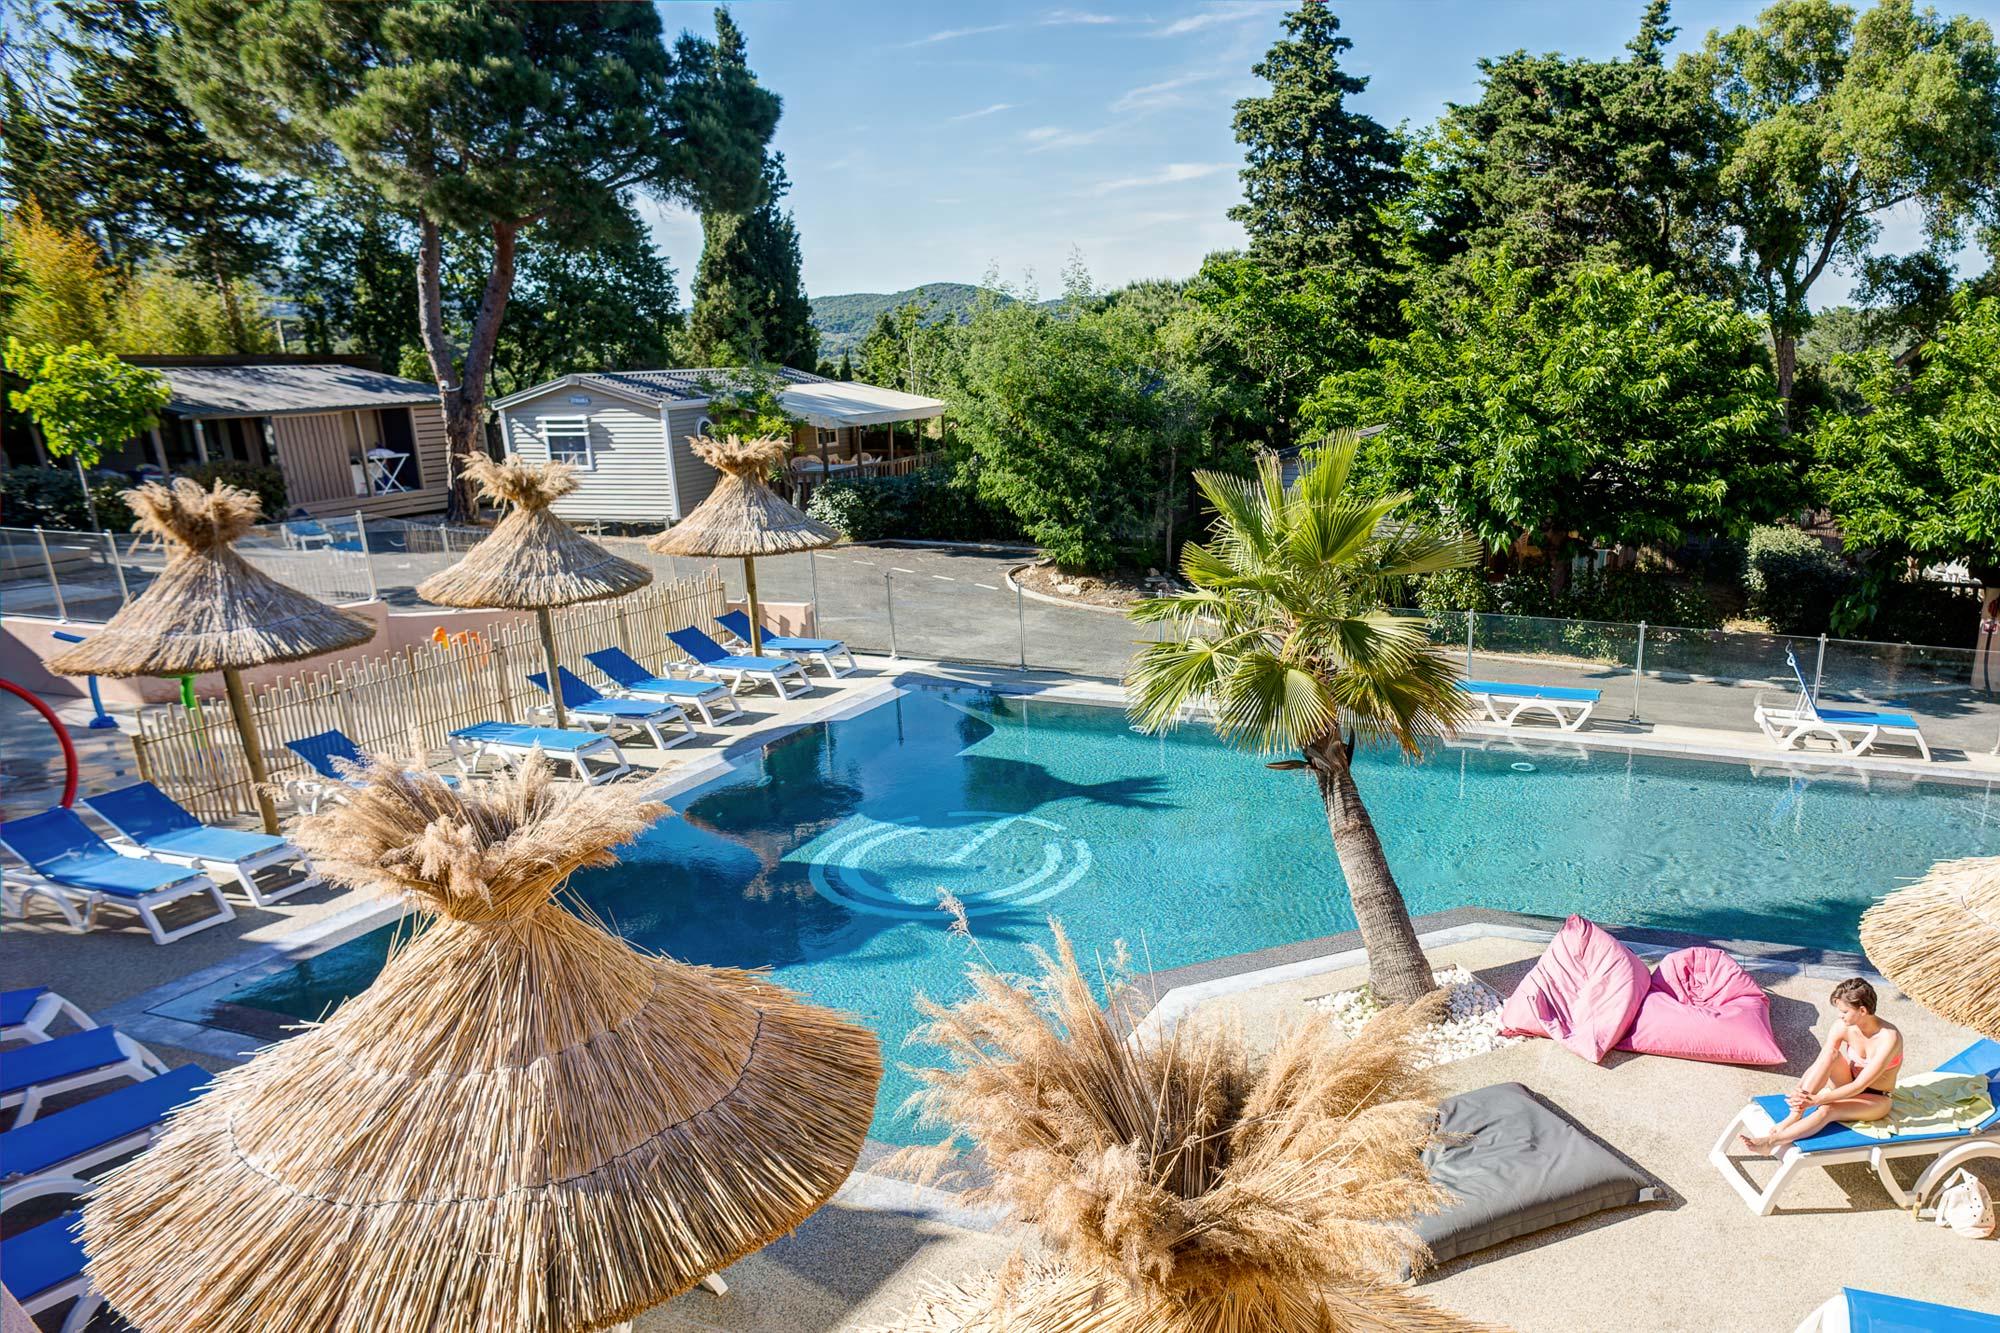 Camping var avec piscine camping sanary sur mer avec for Camping pays basque bord de mer avec piscine